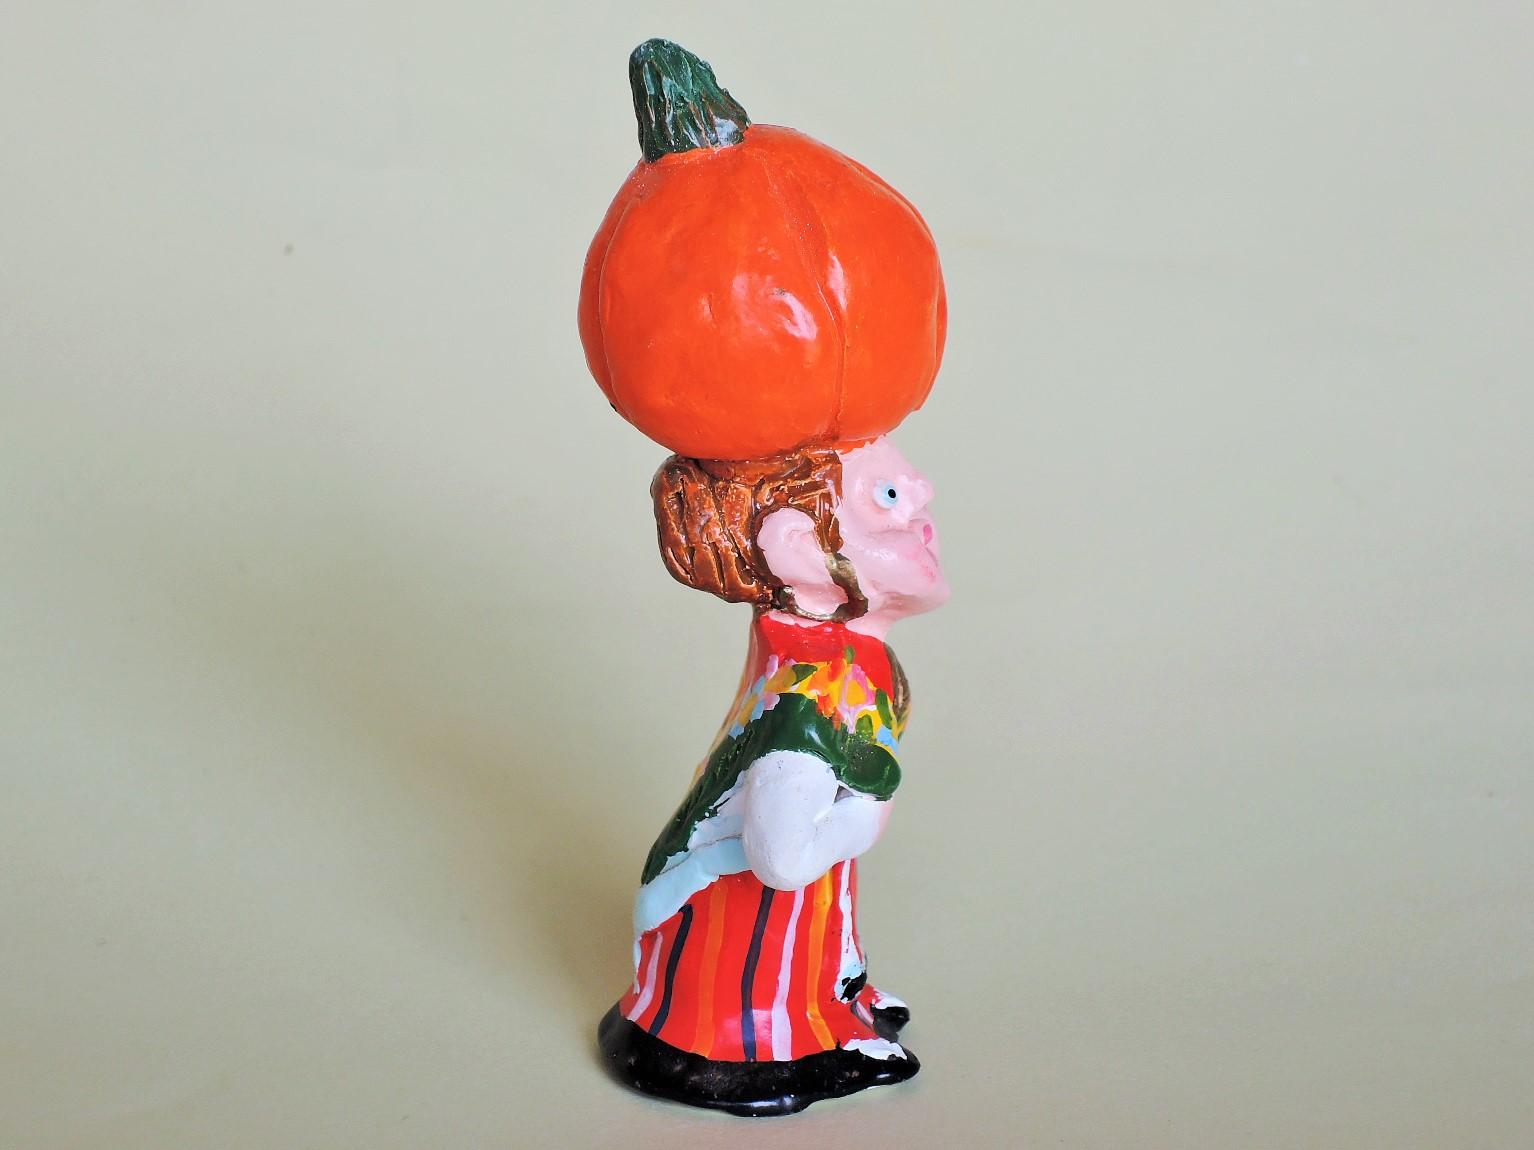 ジョアンフェレイラ(ポルトガル)陶人形 カボチャを運ぶ女性